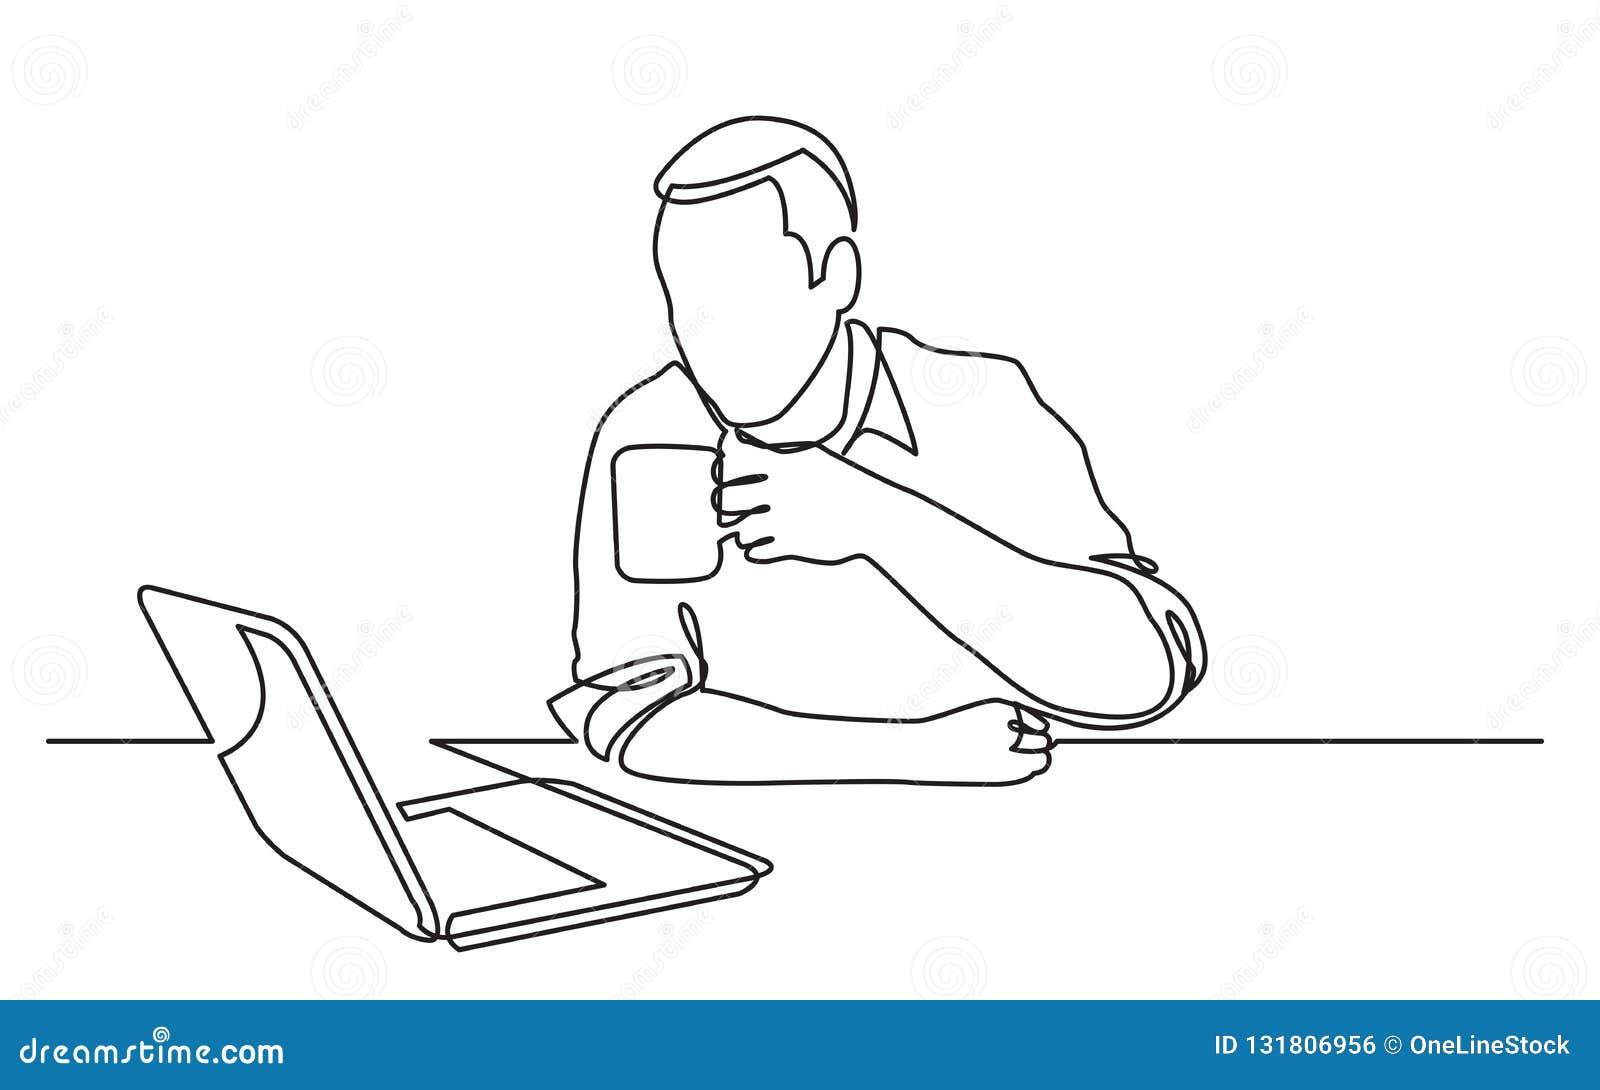 Dibujo lineal continuo del café de consumición de observación del ordenador portátil del hombre que se sienta